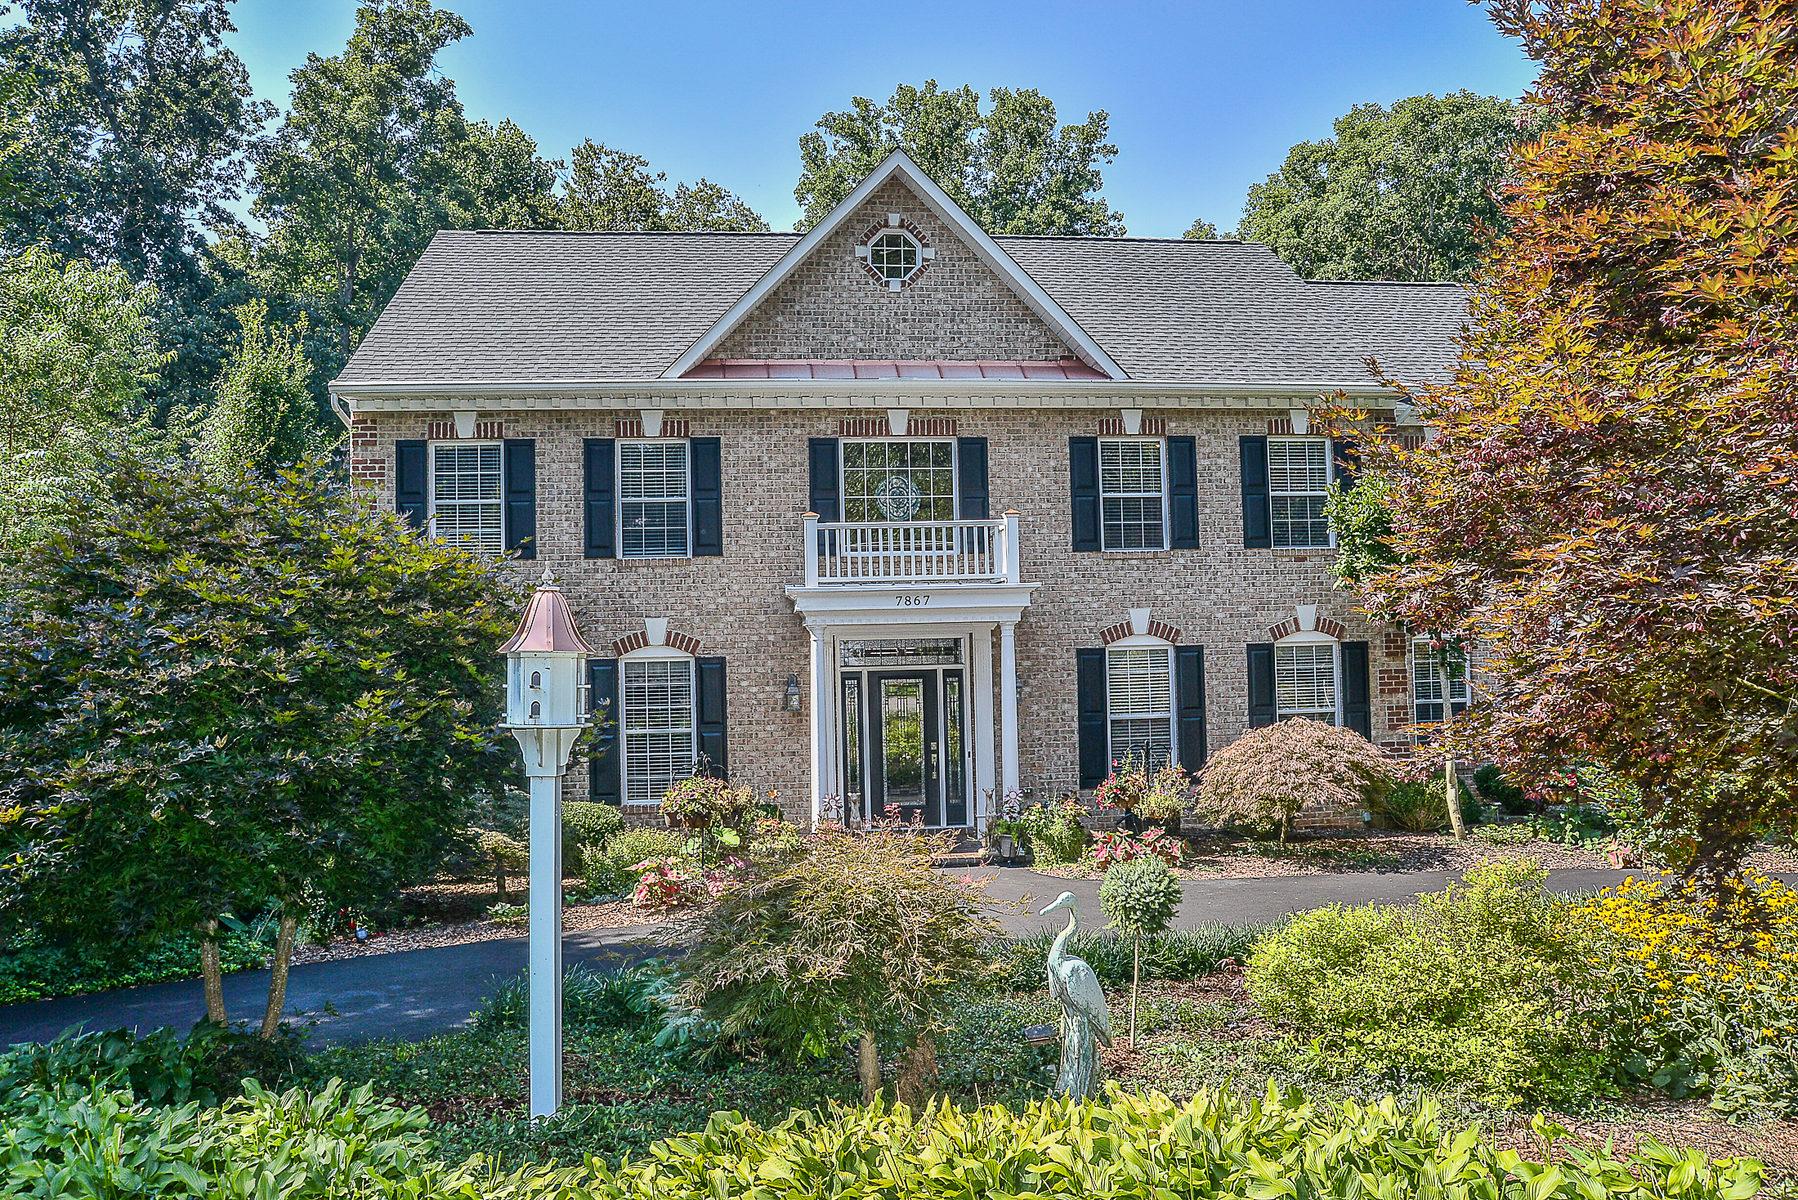 独户住宅 为 销售 在 7867 Unbridled Court, Manassas 7867 Unbridled Ct Manassas, 弗吉尼亚州 20112 美国